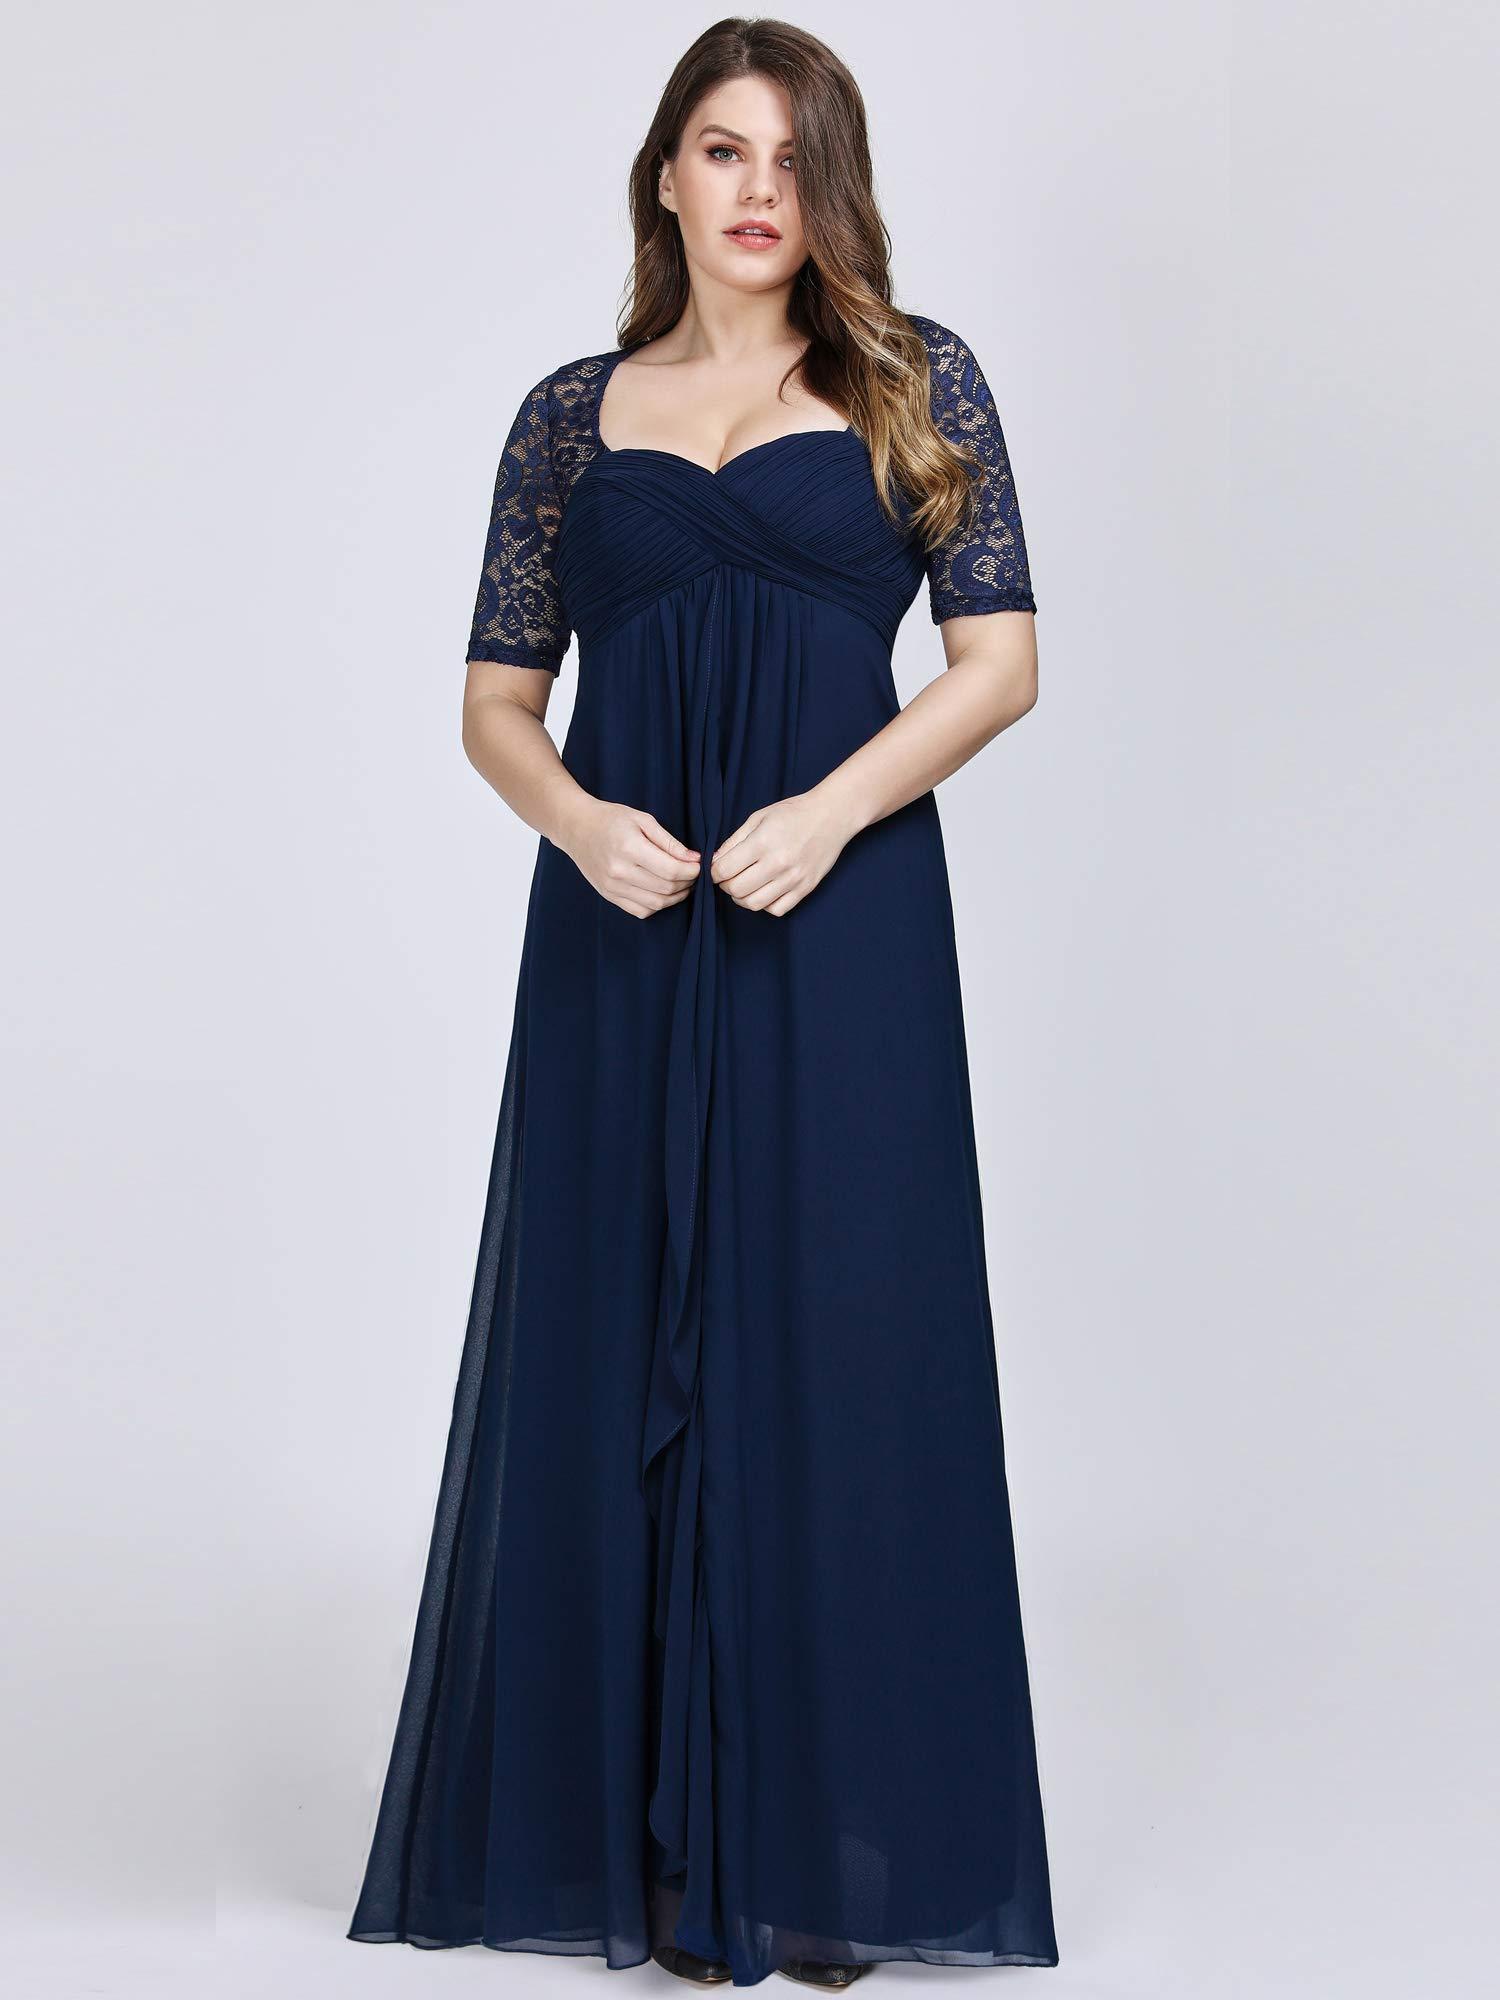 Blue Evening Dresses Plus Size Women